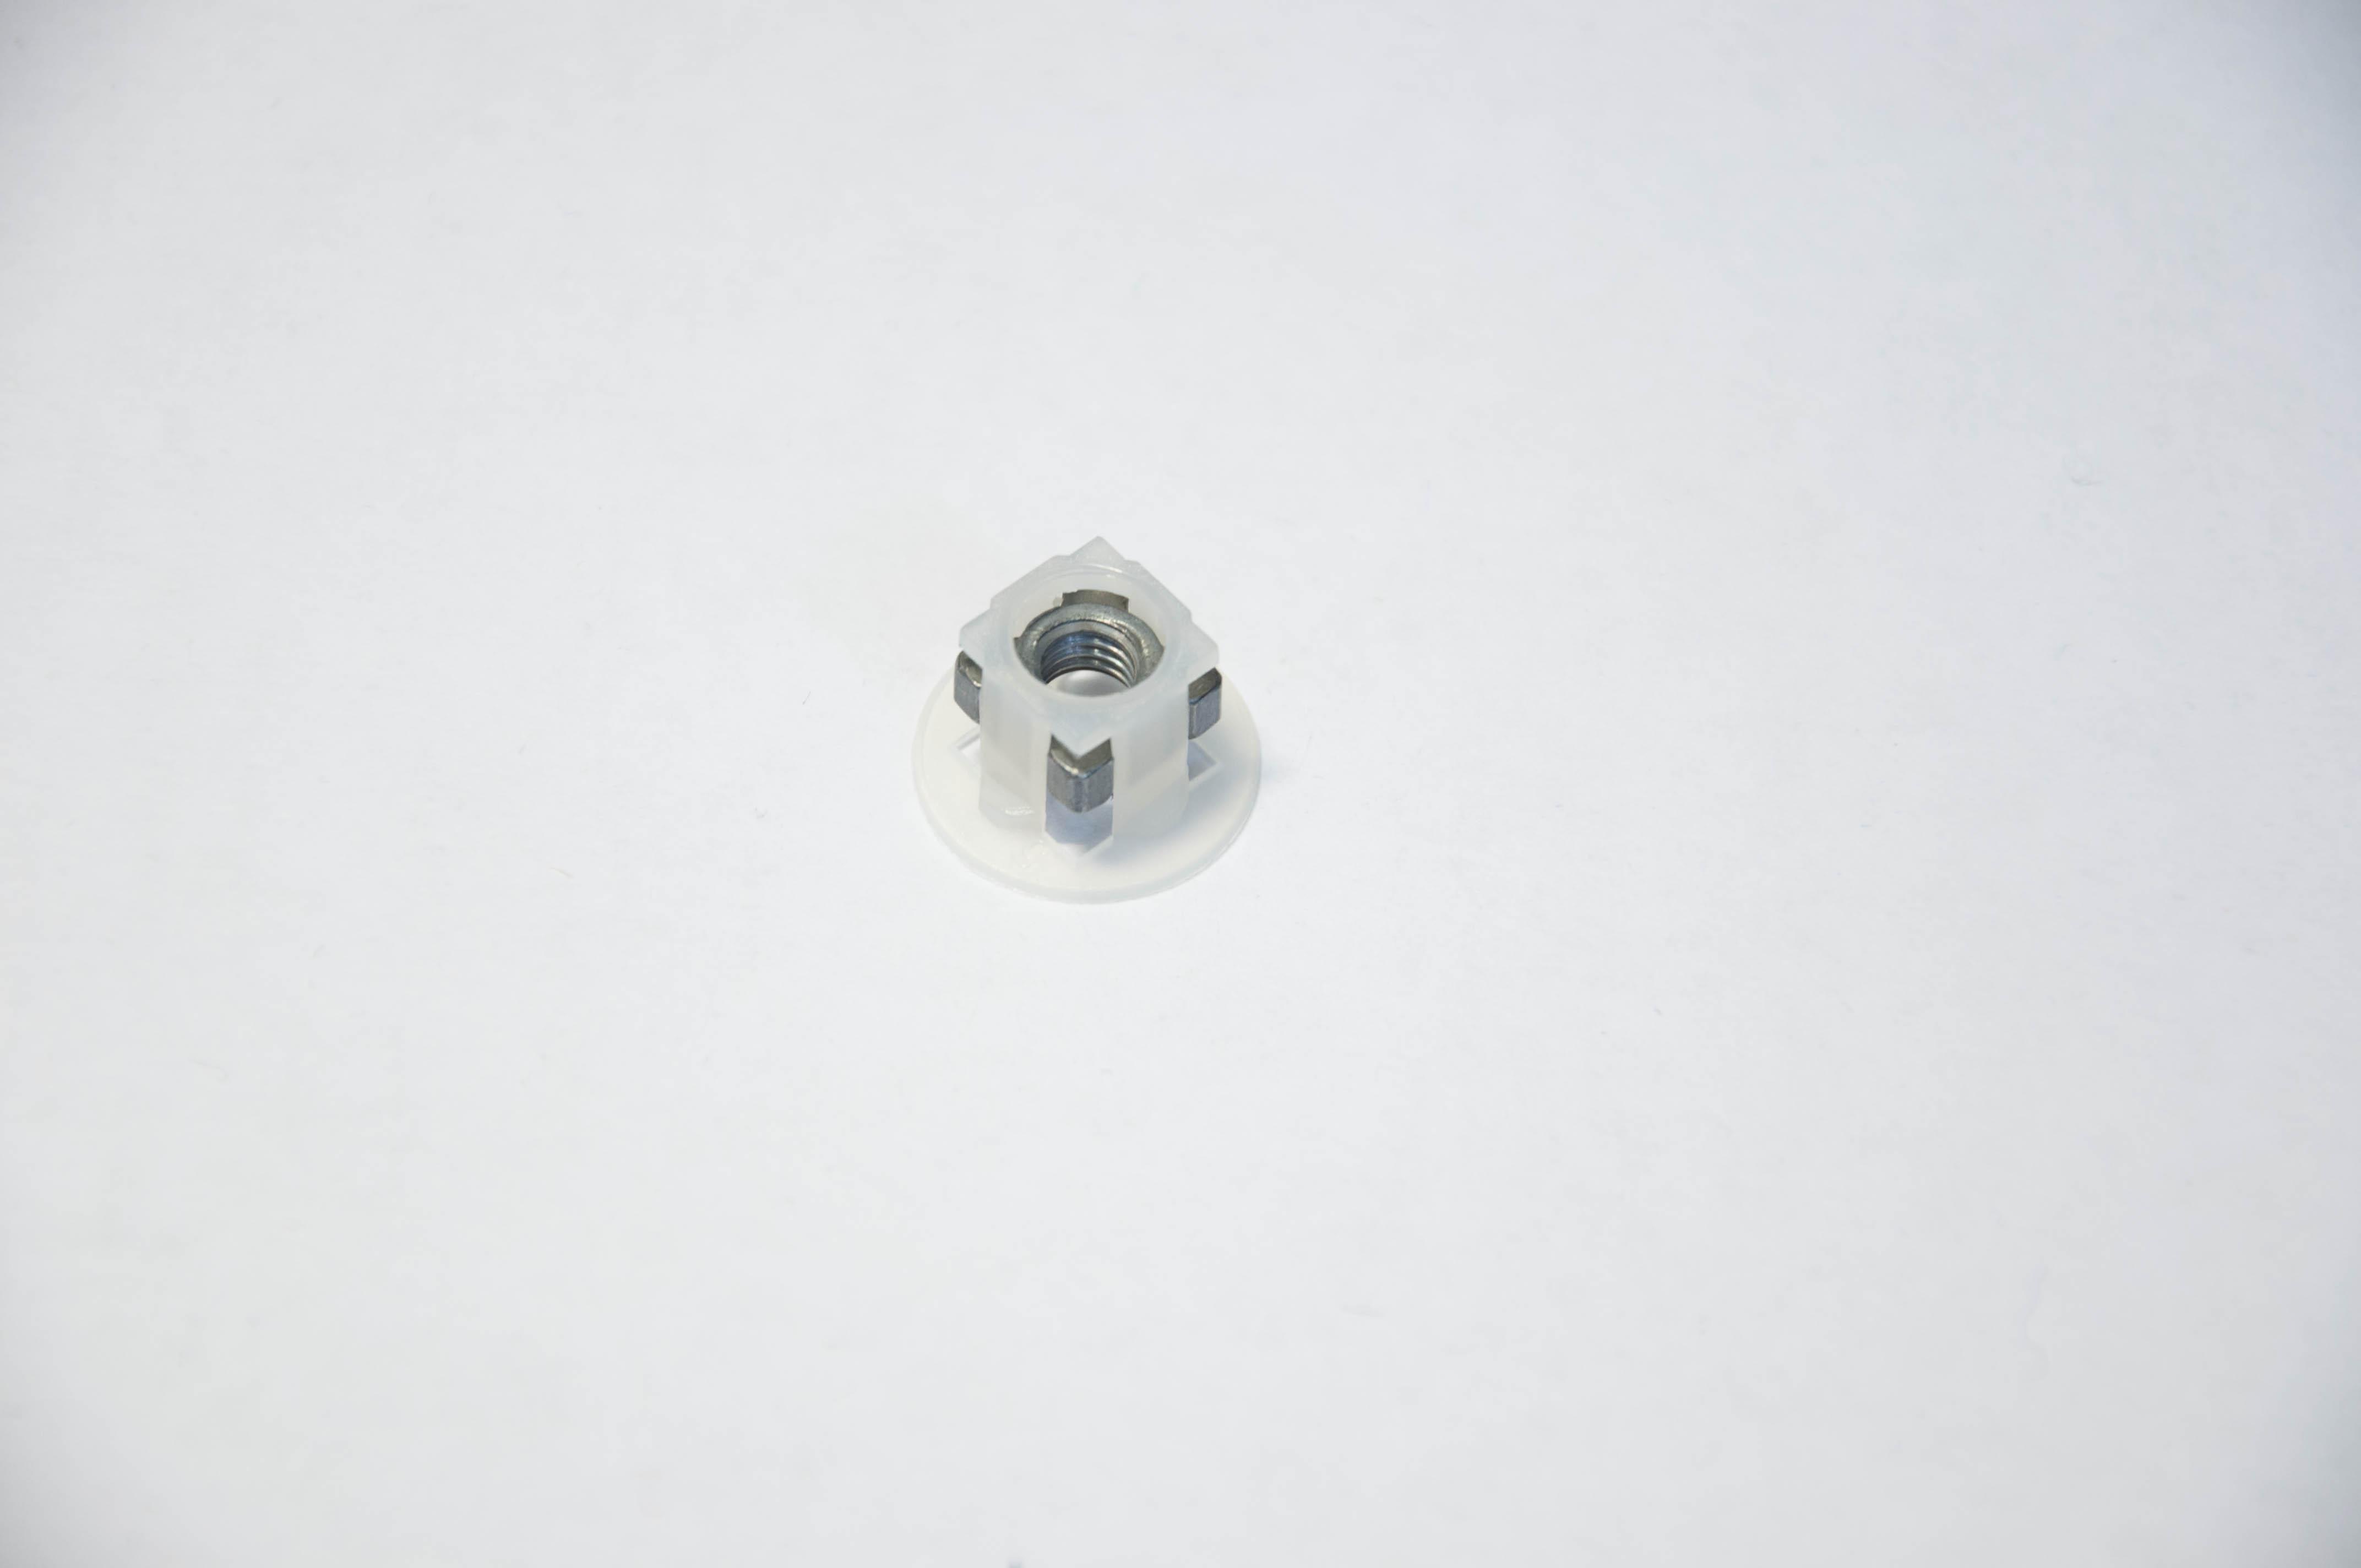 Шпилька фокус 2 8 фотография